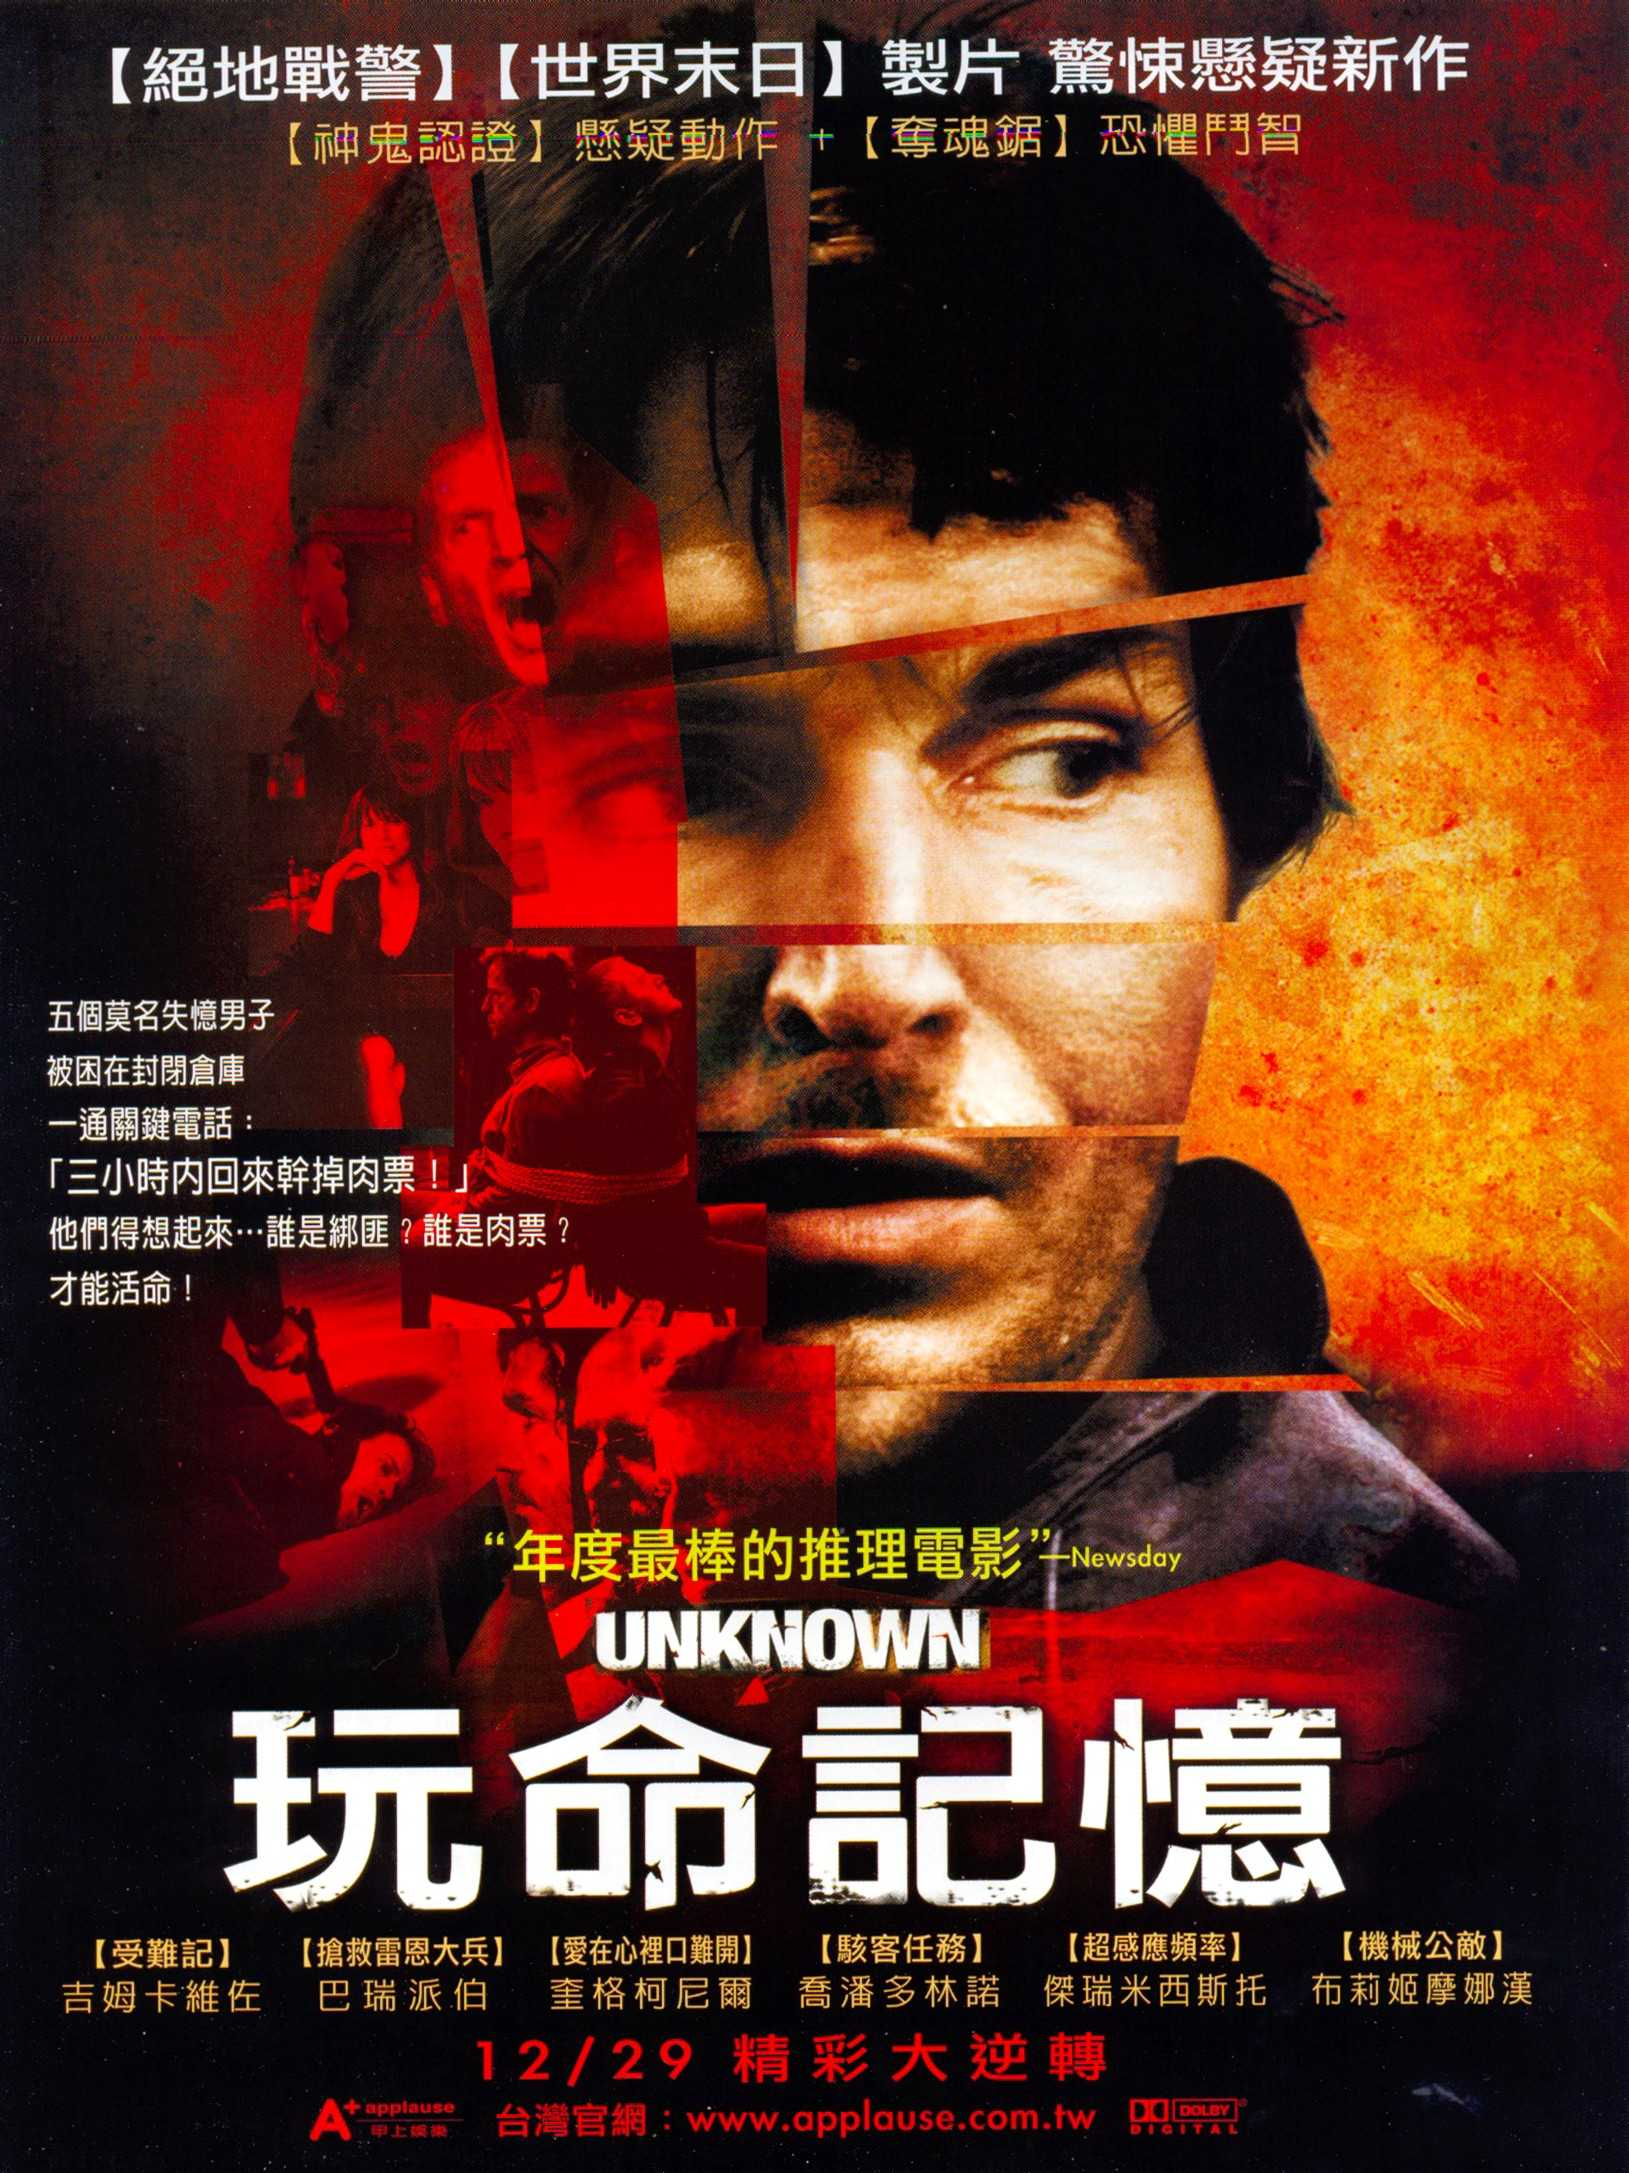 плакат фильма 5 неизвестных